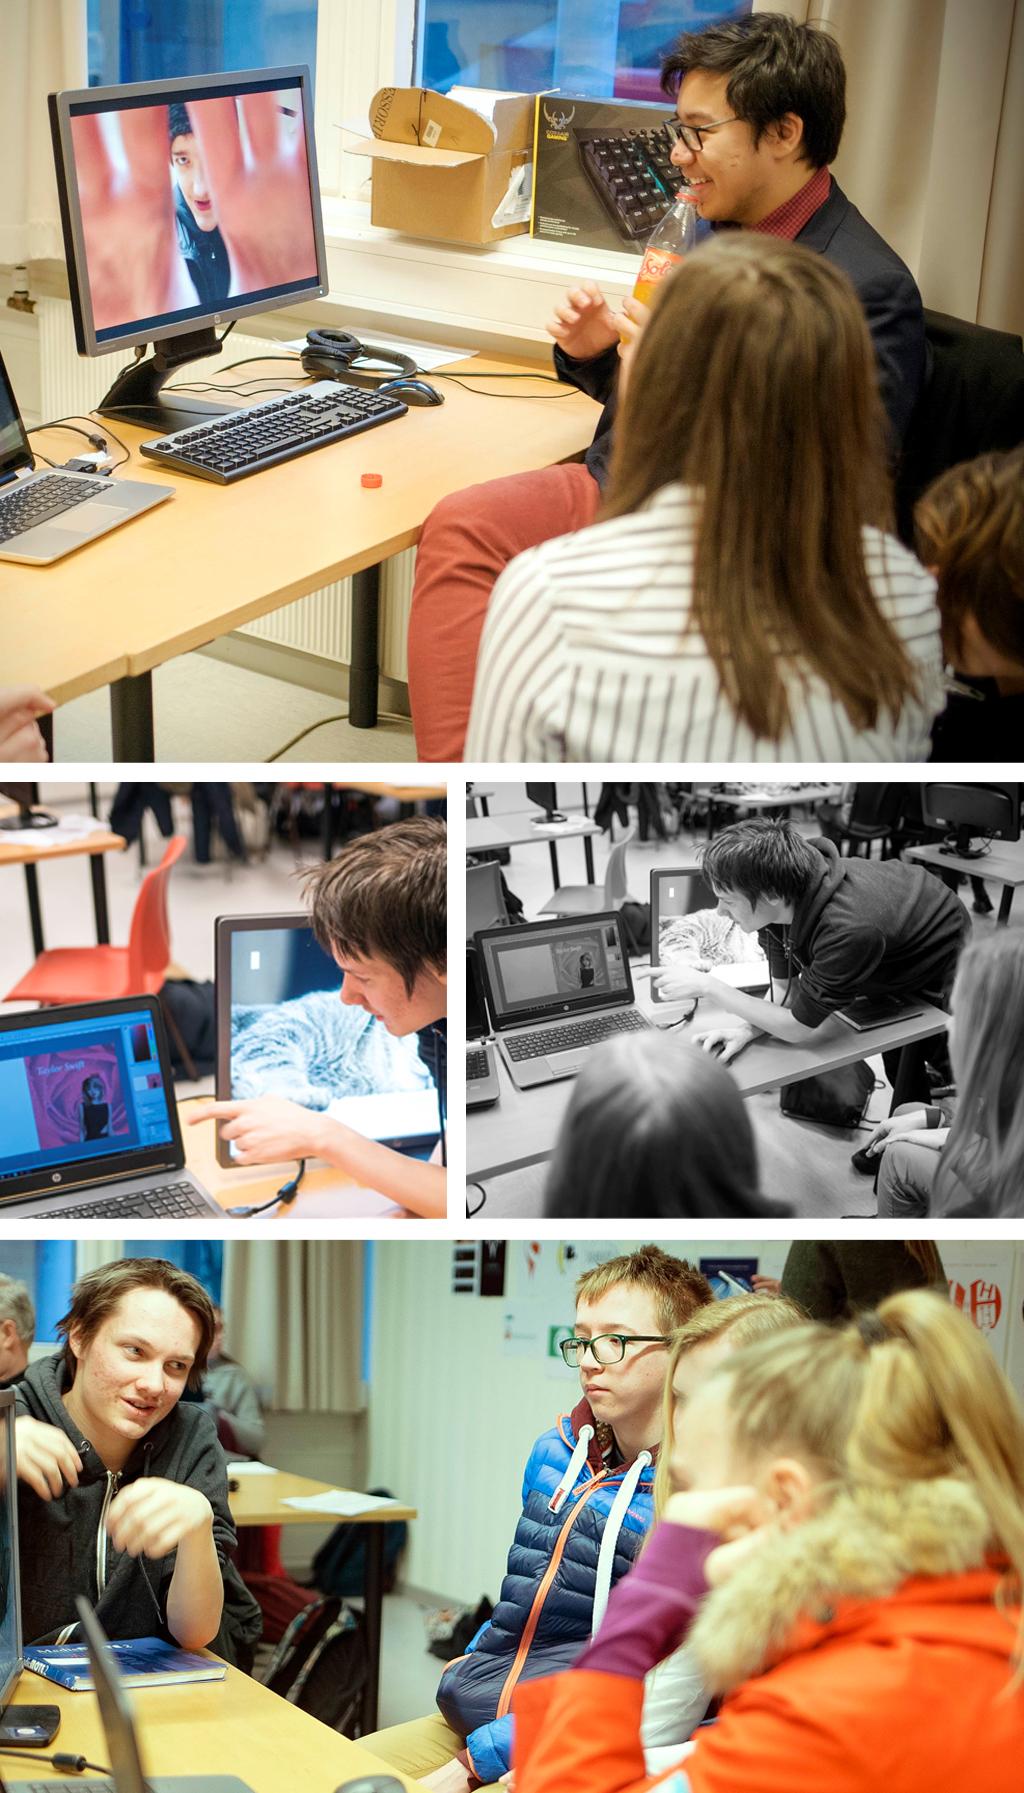 Workshop med klasse 2mka under utdanningsval ved Hafstad vgs våren 2017